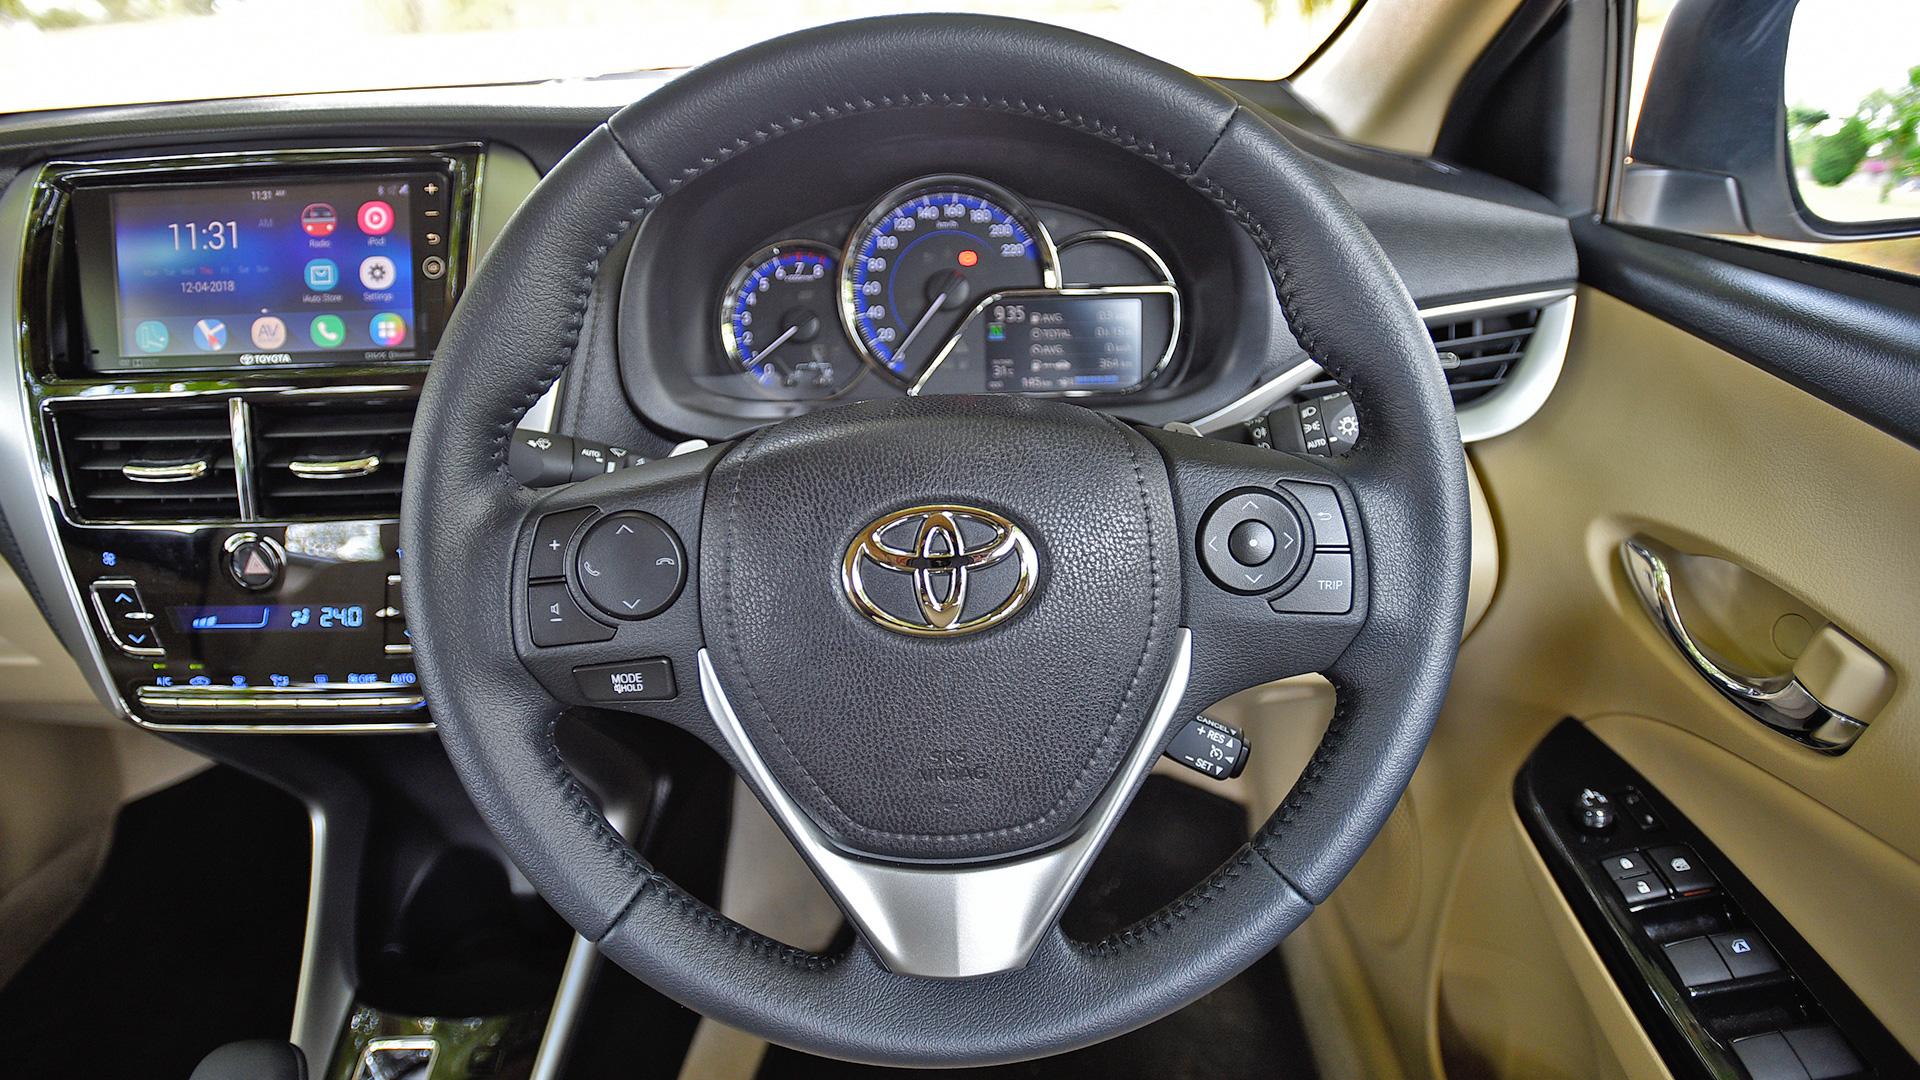 Toyota Yaris 2018 VX CVT Interior Car Photos - Overdrive